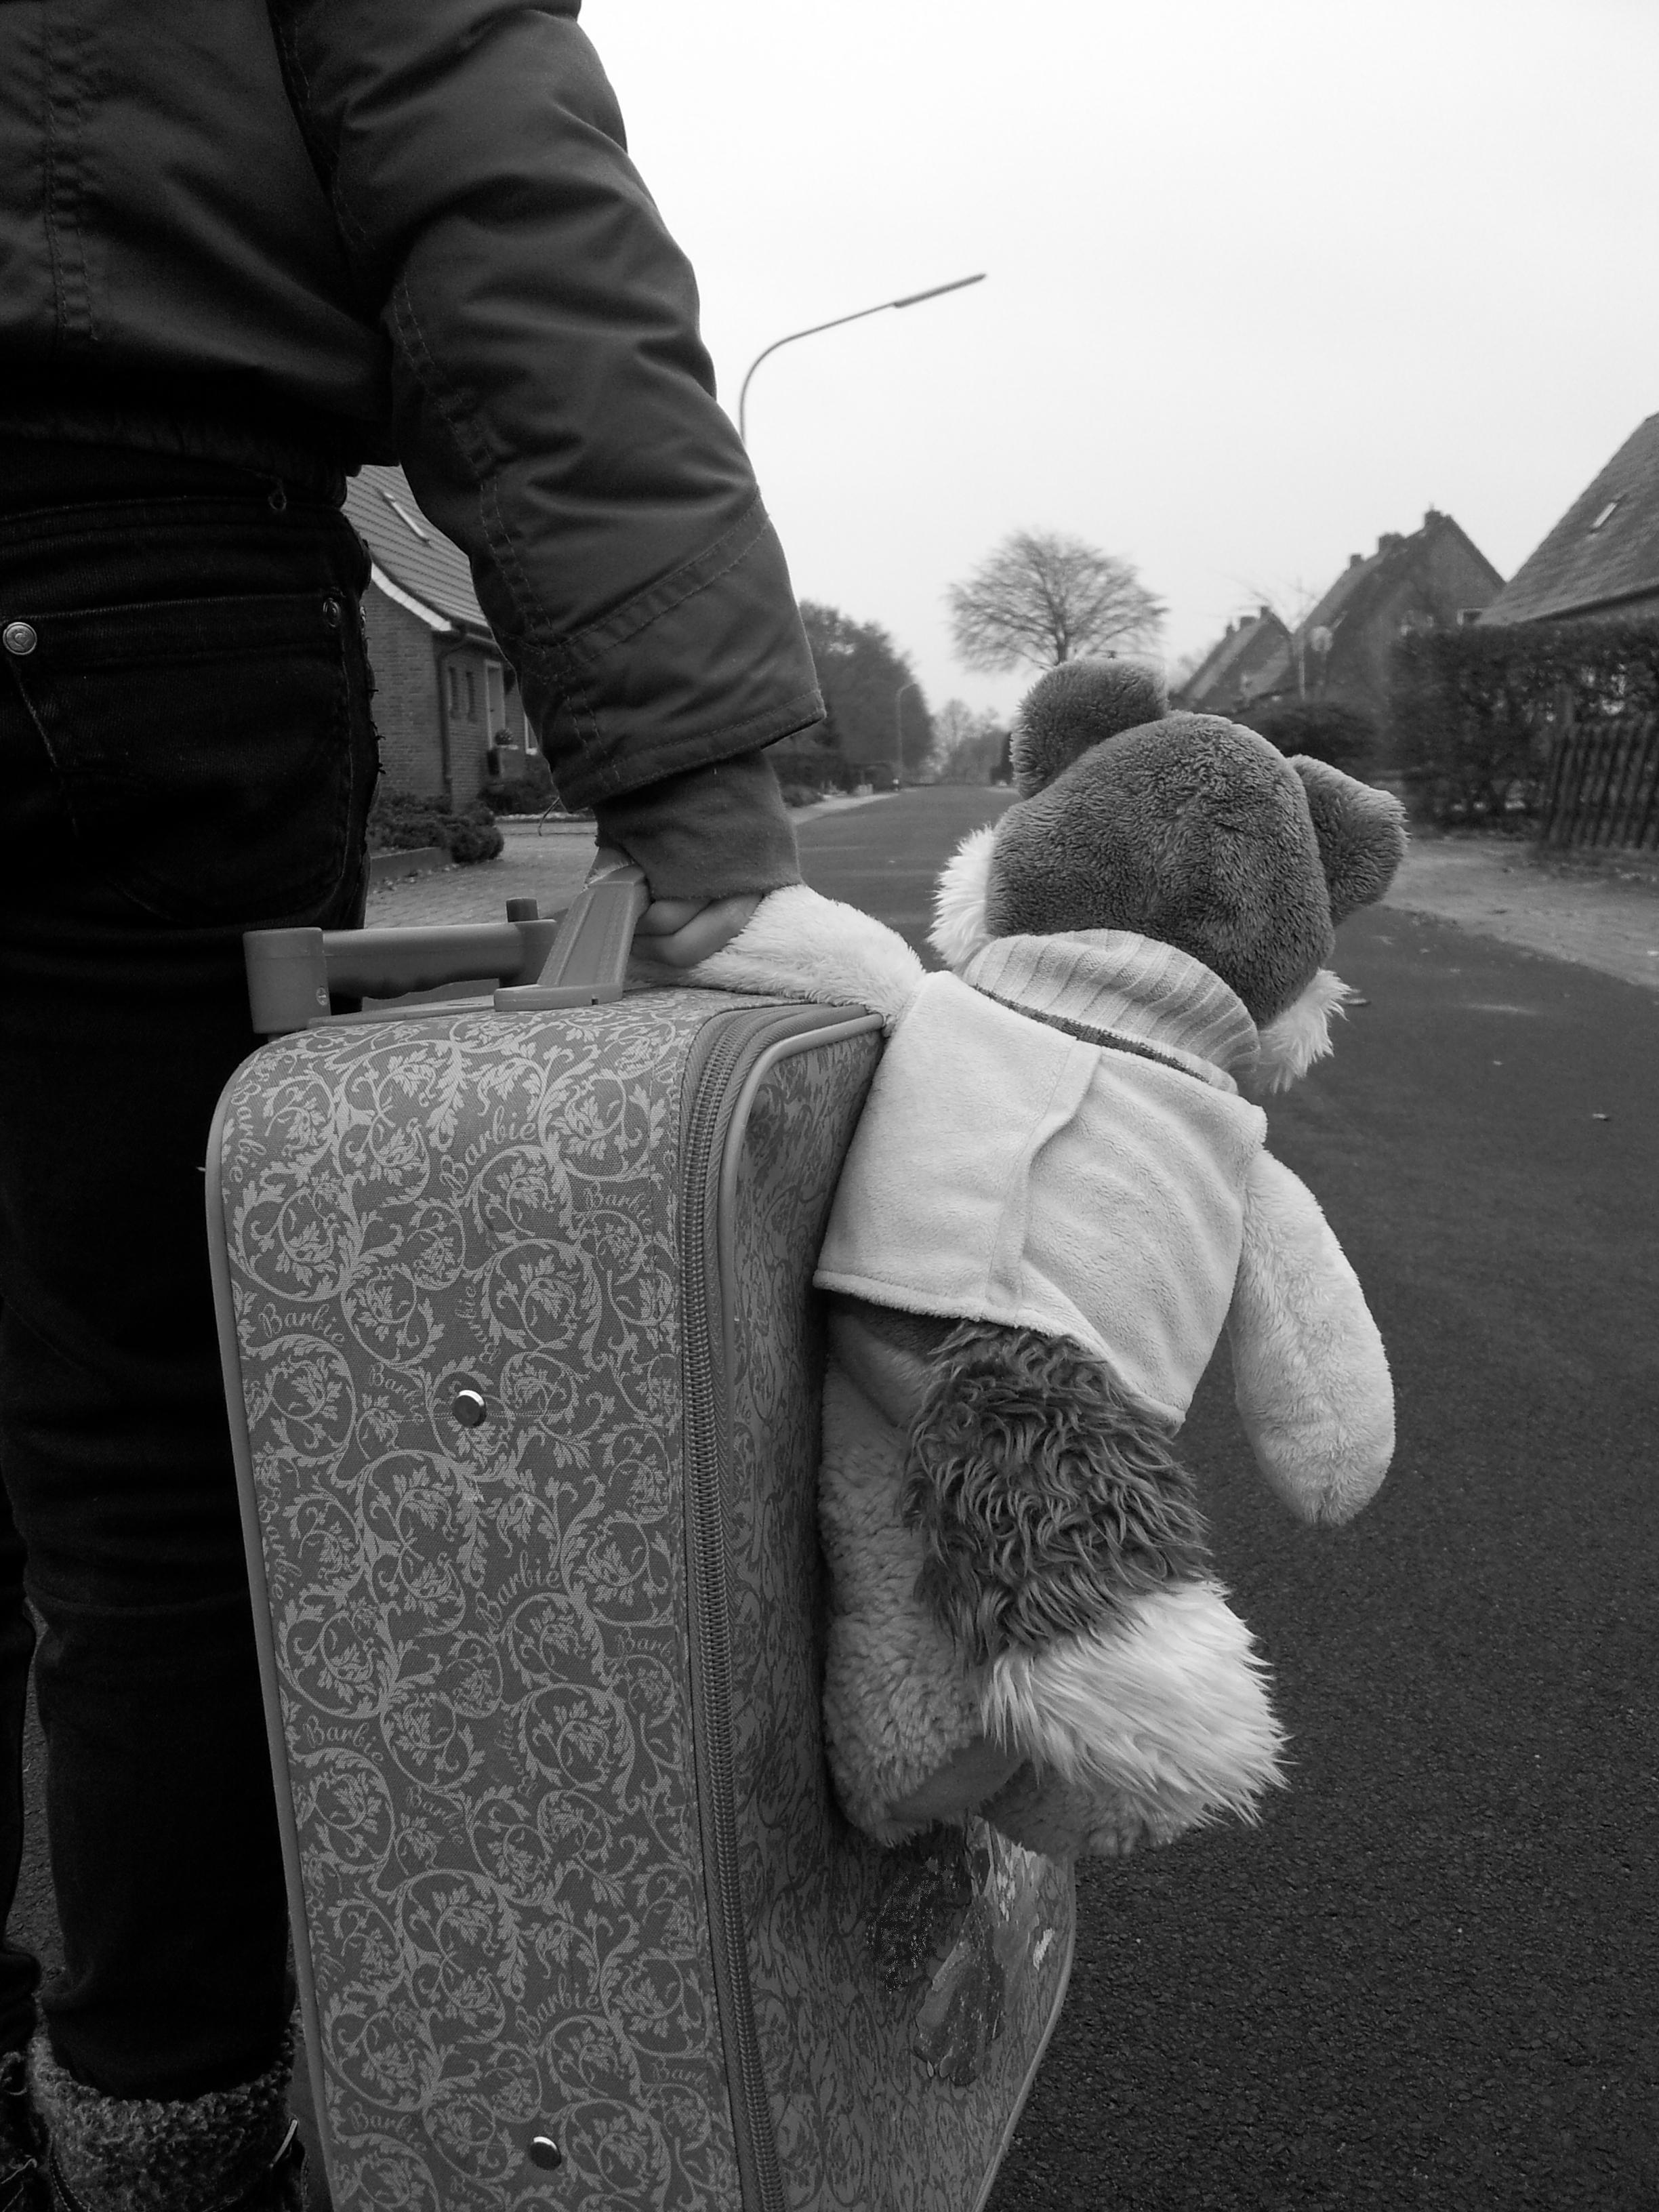 Happy End für ein vergessenes Kind: Nach neun Jahren Klinikaufenthalt findet ein Mädchen endlich eine Pflegefamilie. Pressemitteilung des Bundesverbands behinderter Pflegekinder (BbP) e.V. vom 25.11.2013. Symbolfoto: BbP/Heike Nordmann